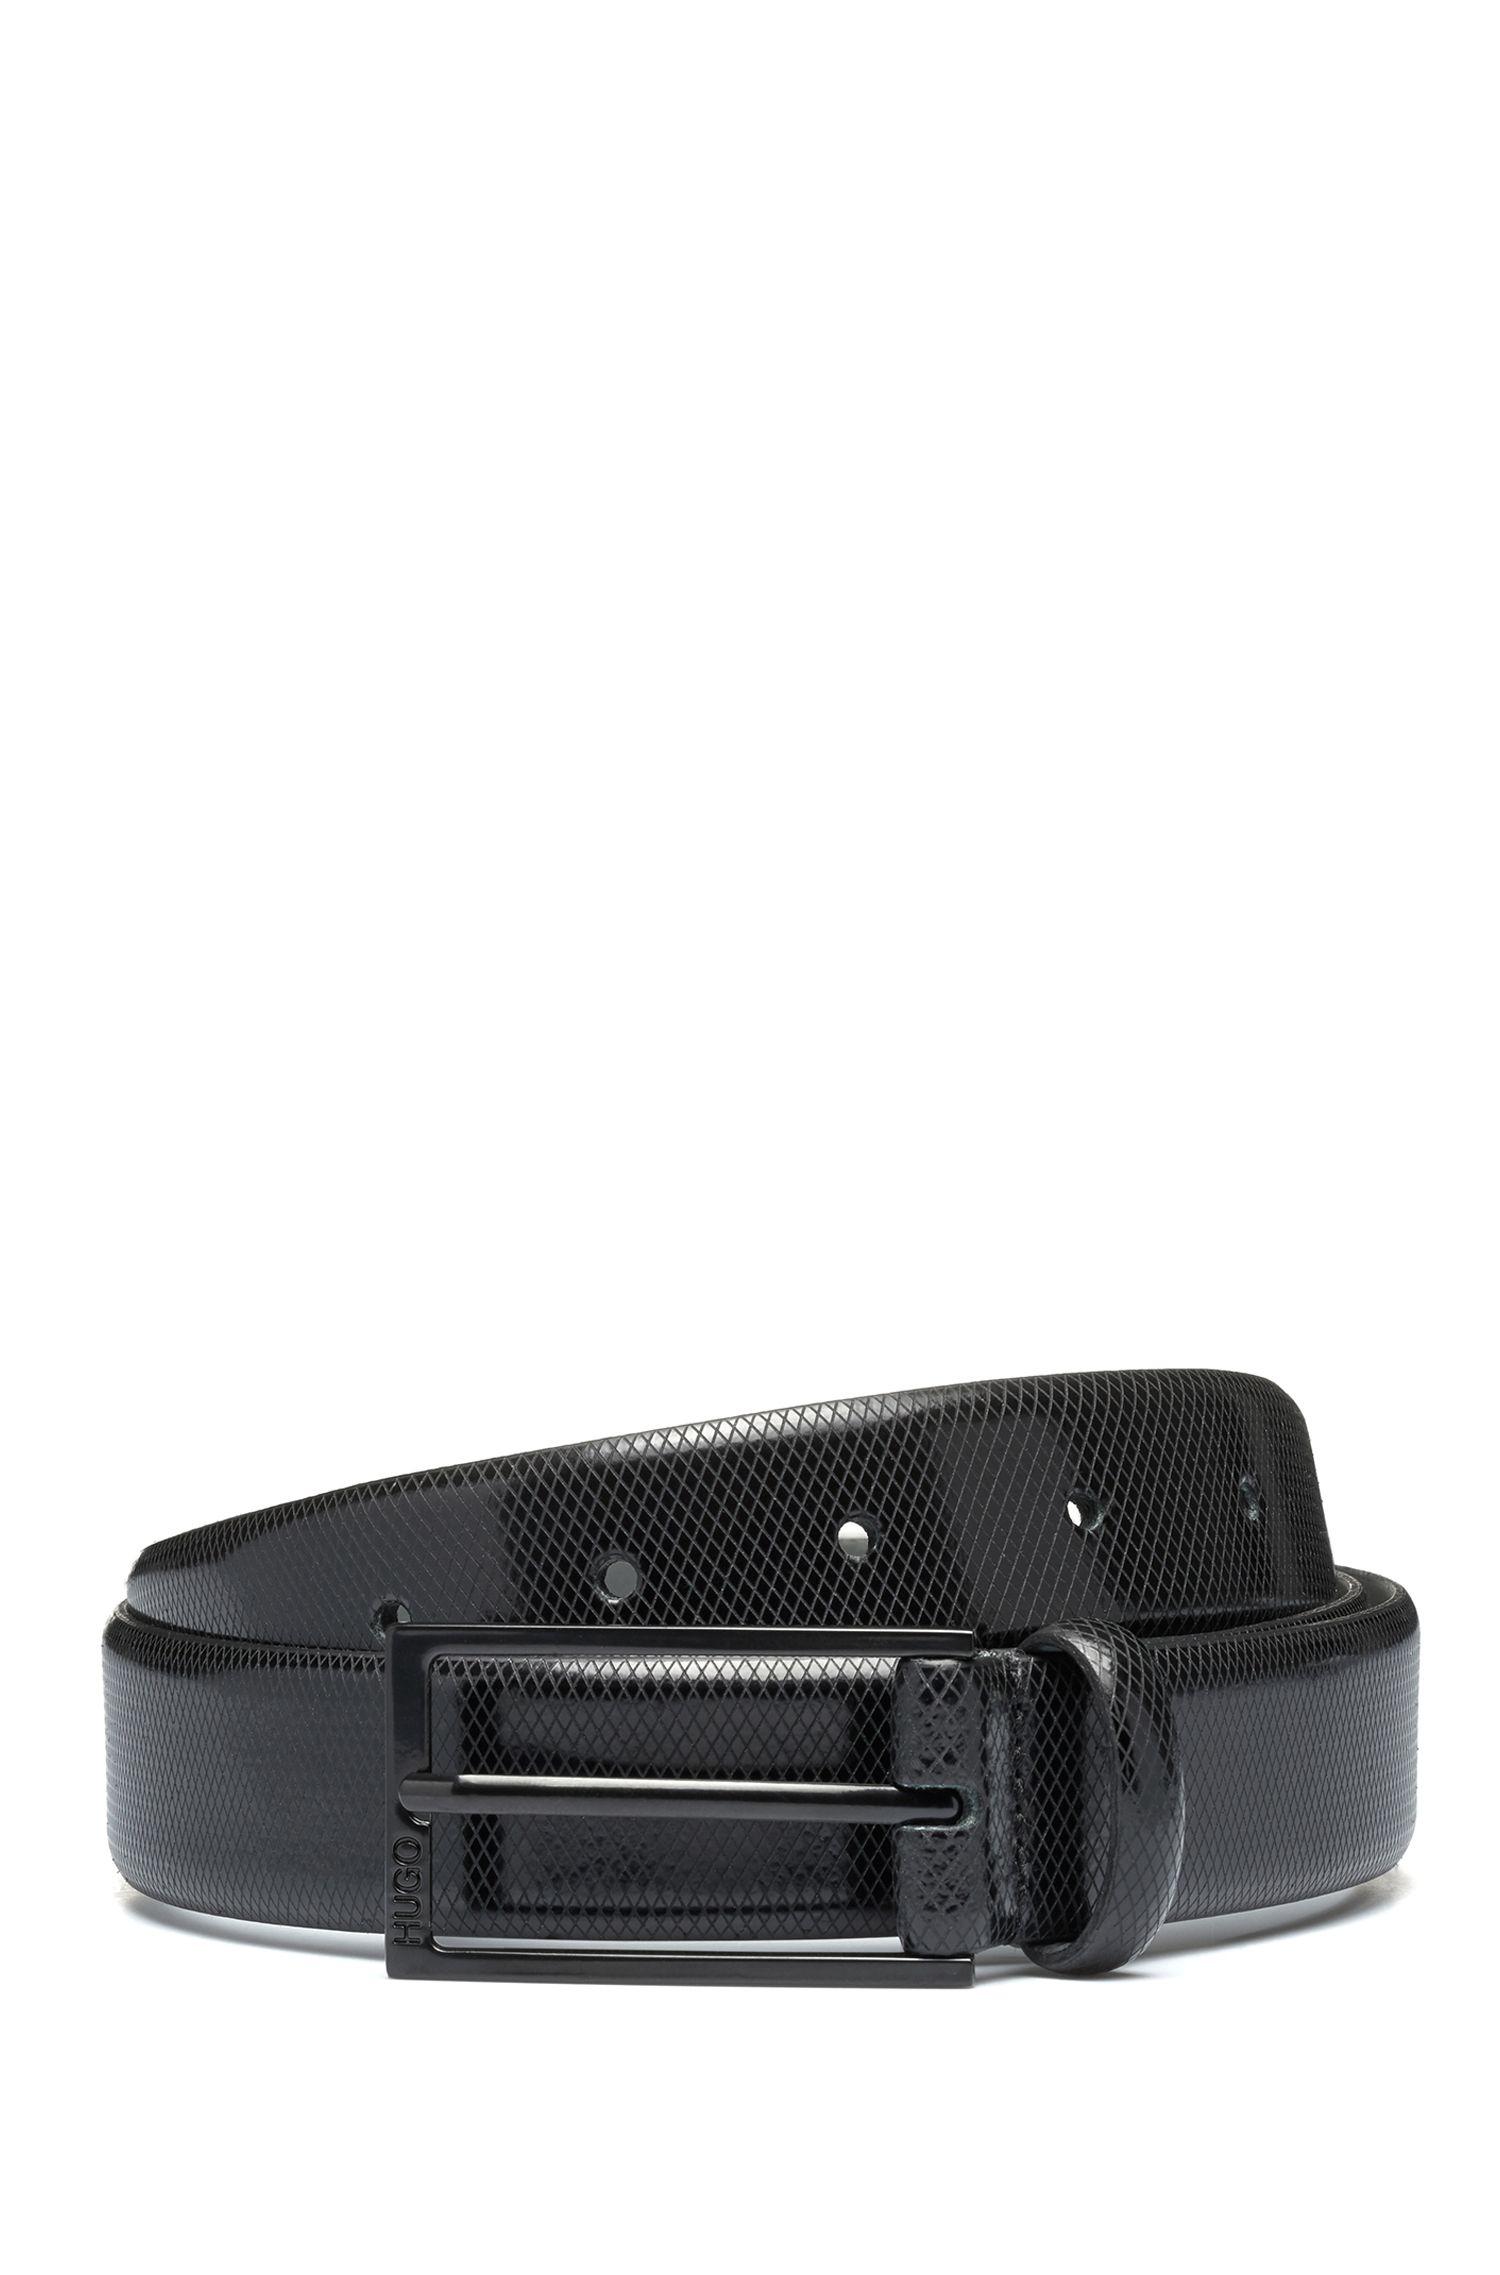 Cinturón de piel grabado con herrajes barnizados en negro